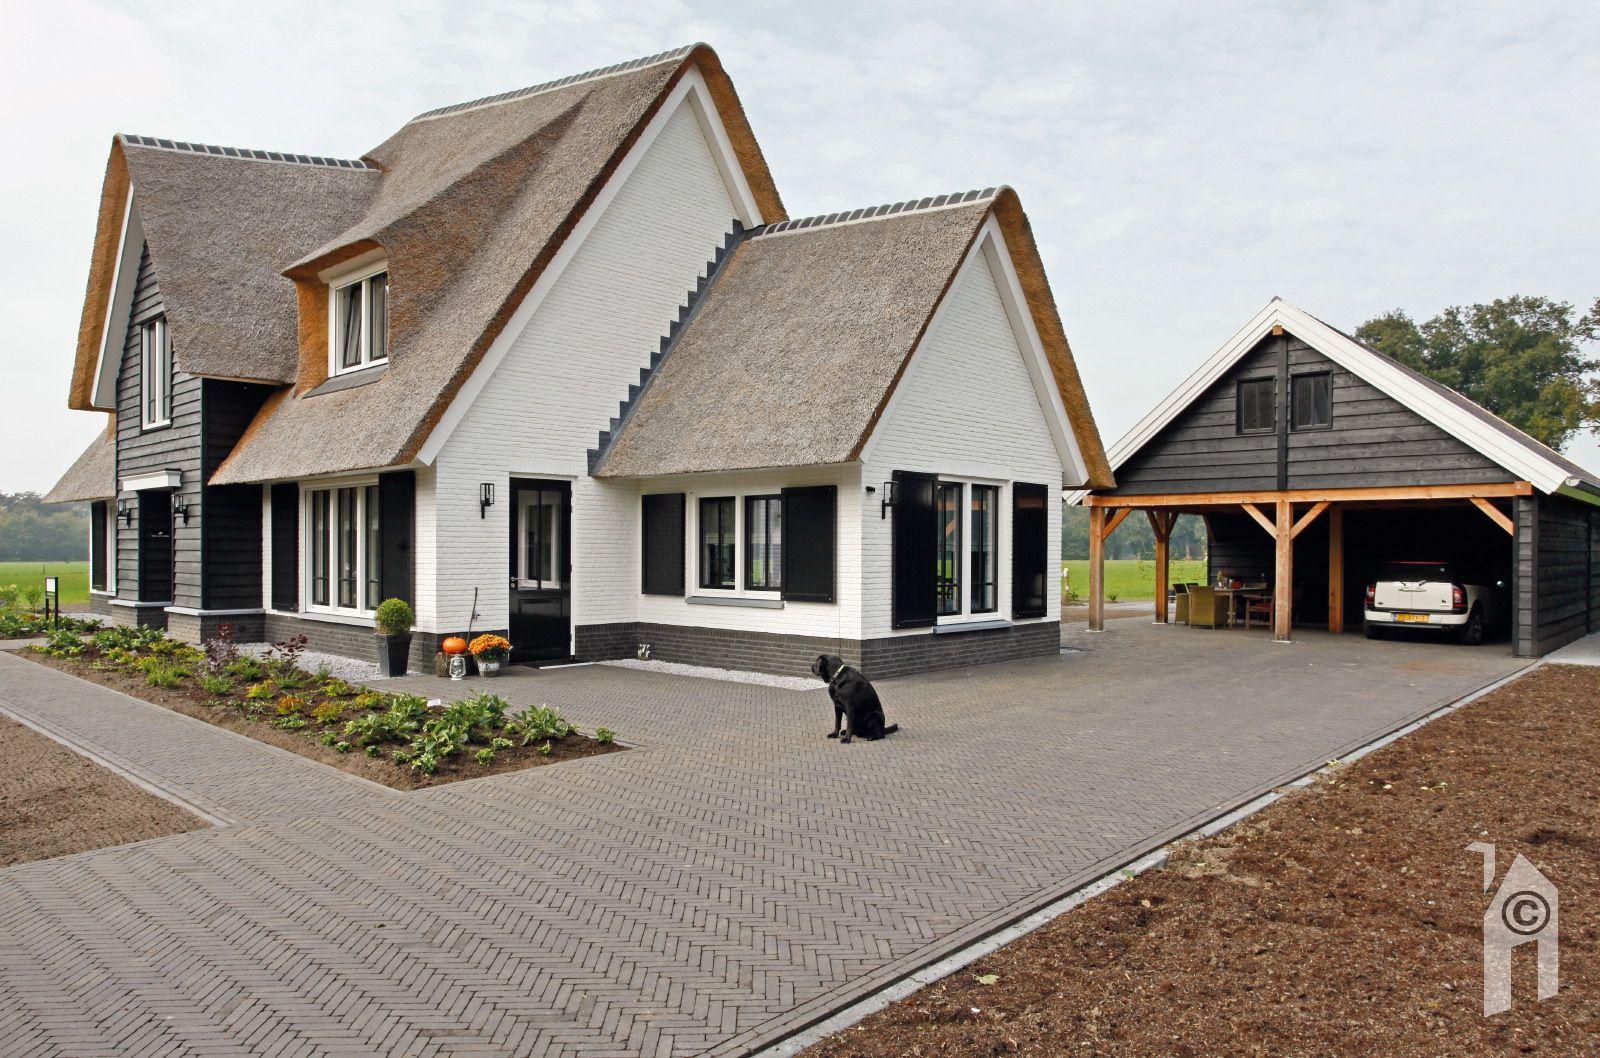 Bouwbedrijf lichtenberg parel in het groen eigenhuisbouwen.nl